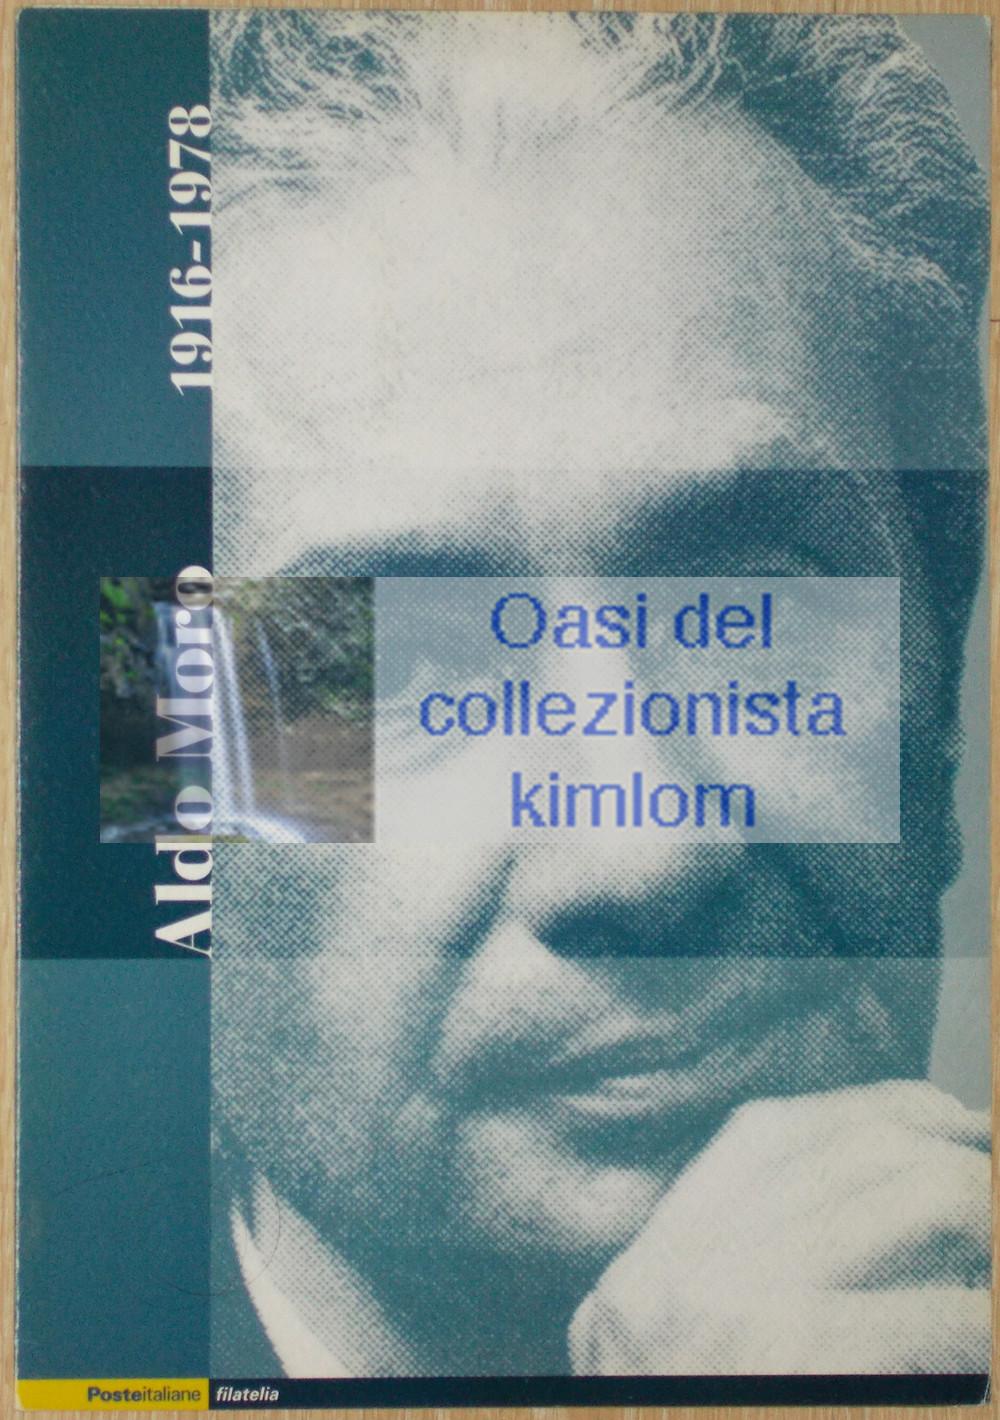 folder - Aldo Moro 1916-1978